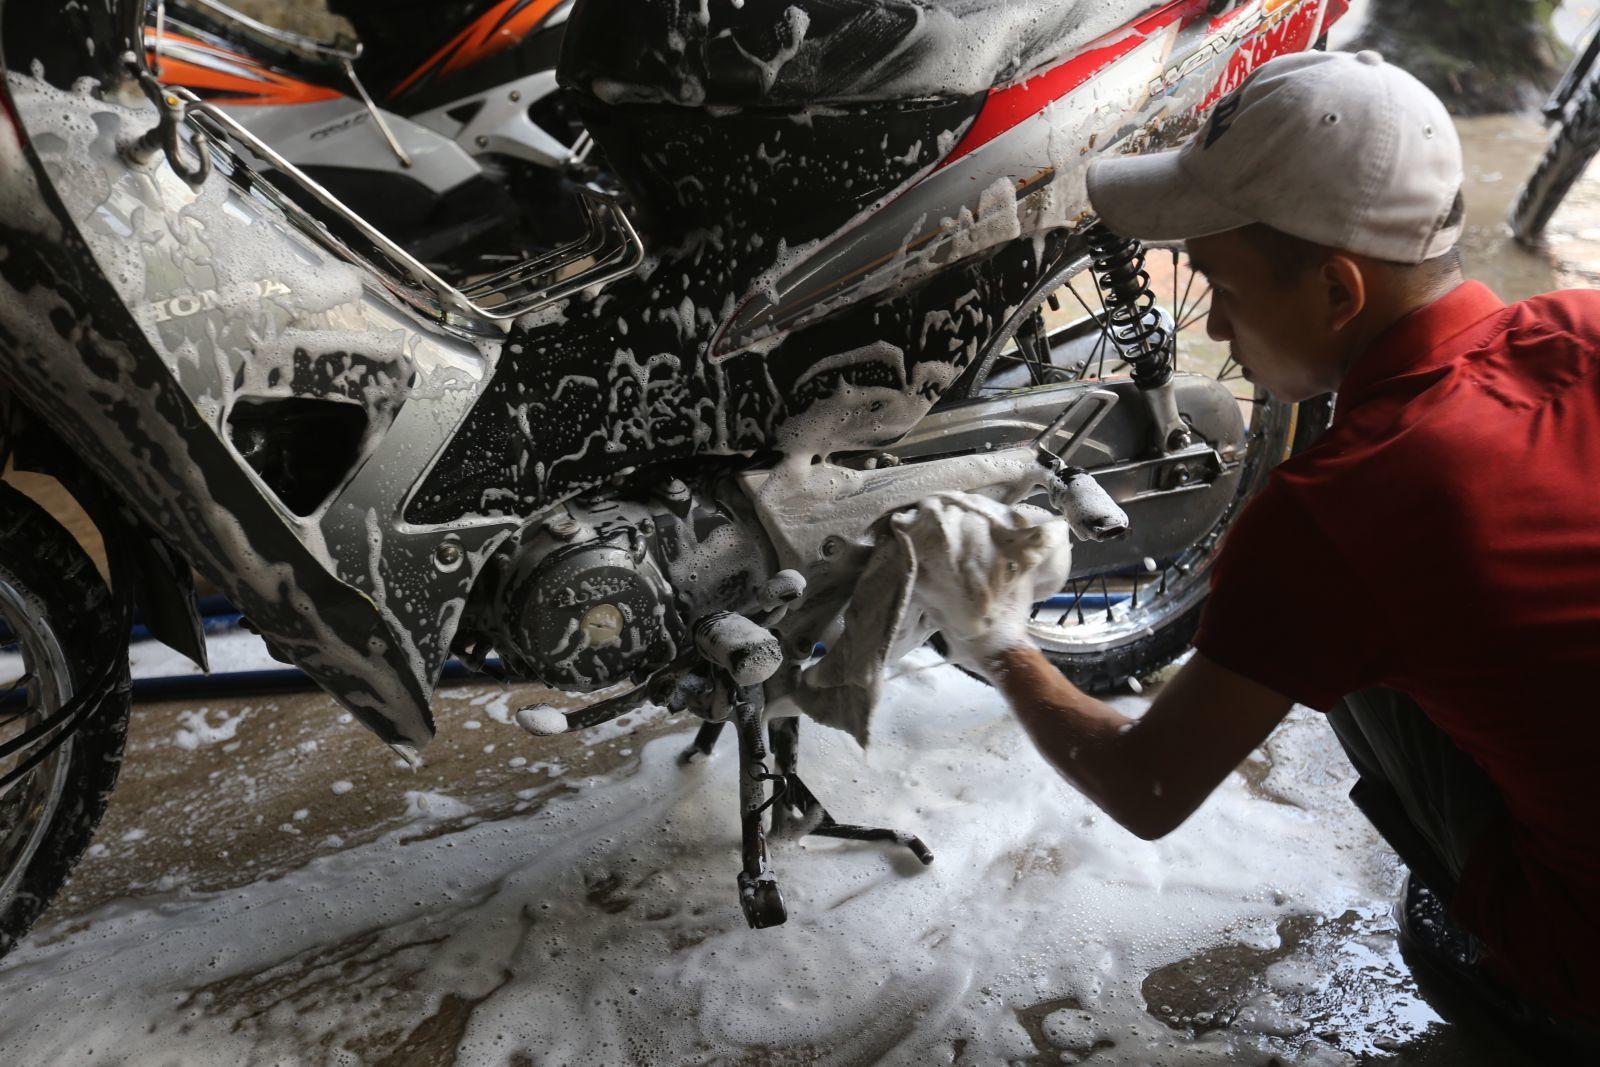 Thường xuyên vệ sinh, lau chùi xe: Việc vệ sinh xe máy thường xuyên không chỉ giúp xe bạn sạch đẹp mà còn giúp cho các bộ phận của xe hoạt động tốt, tránh hao xăng